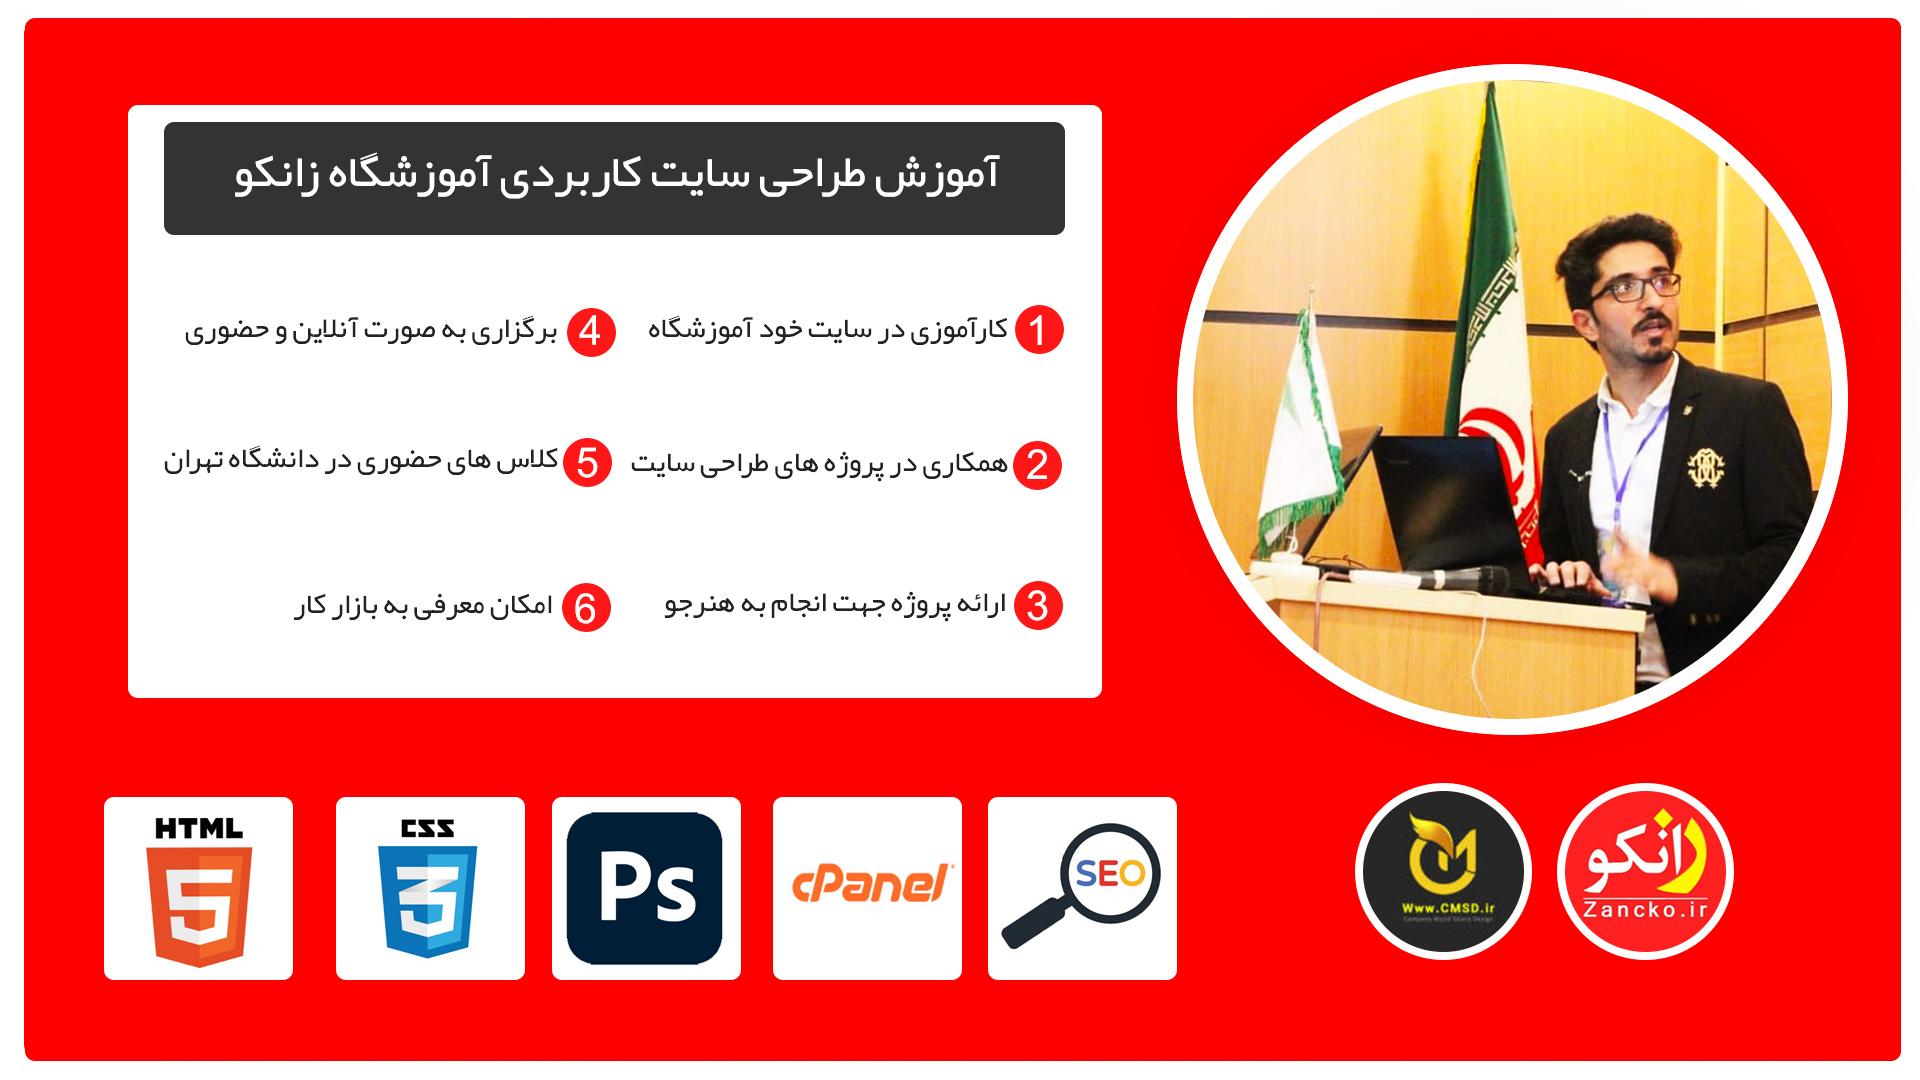 آموزش طراحی سایت ، پکیج آموزش طراحی سایت با وردپرس ، کاملترین دوره طراحی سایت ایران